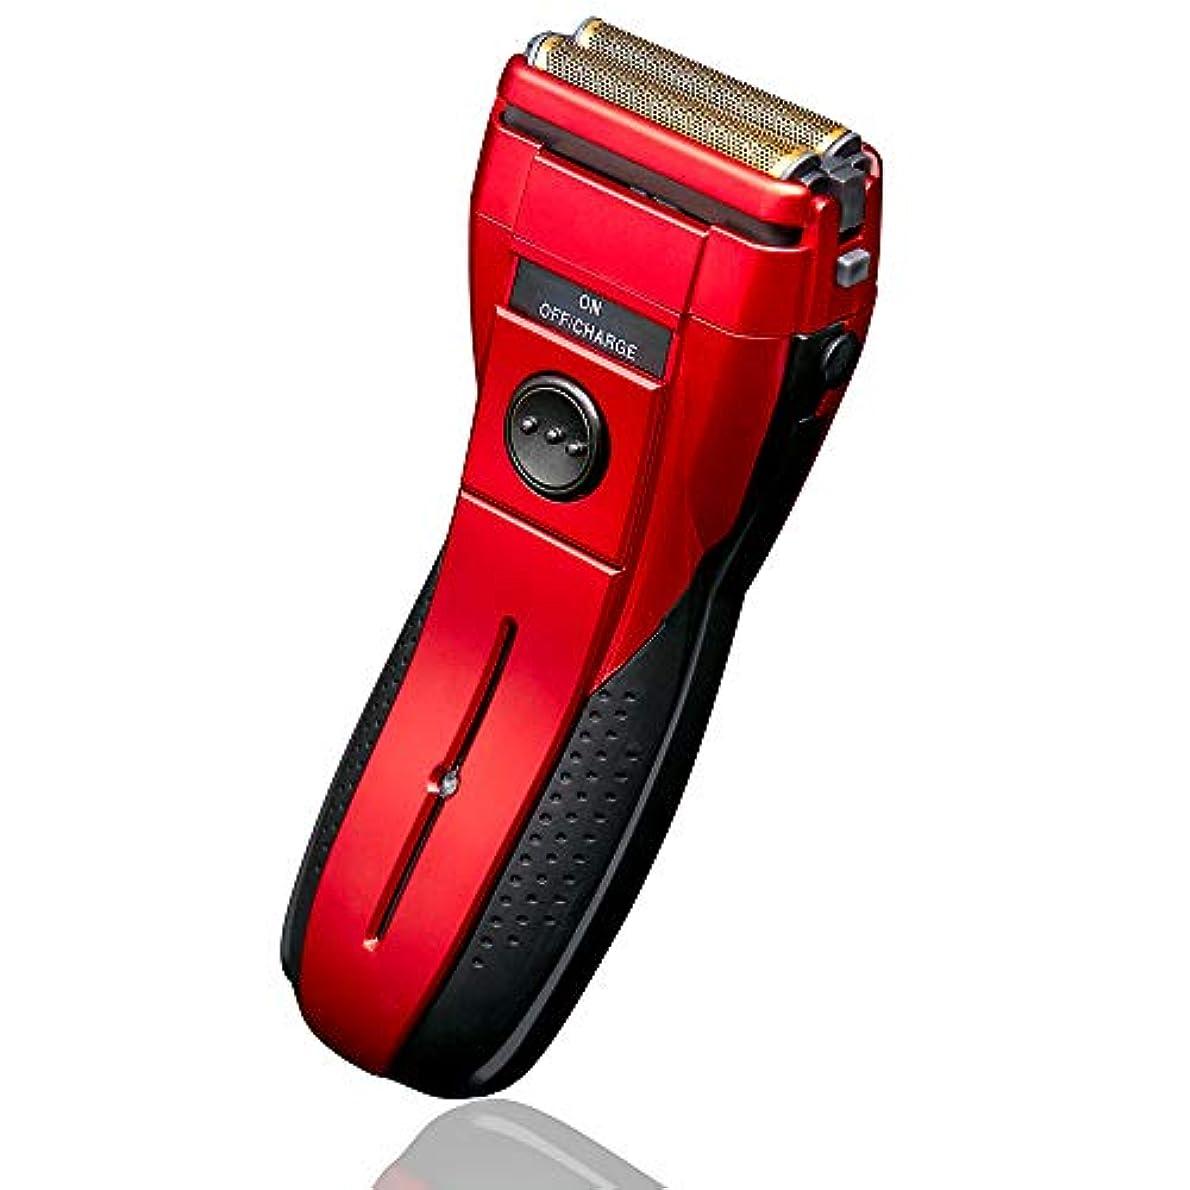 コウモリあなたのものプロテスタント電気シェーバー 2枚刃 髭剃り メンズシェーバー 替え刃付属付き 水洗い対応 ウォッシャブル 充電式 独立フローティング2枚刃 (Red)